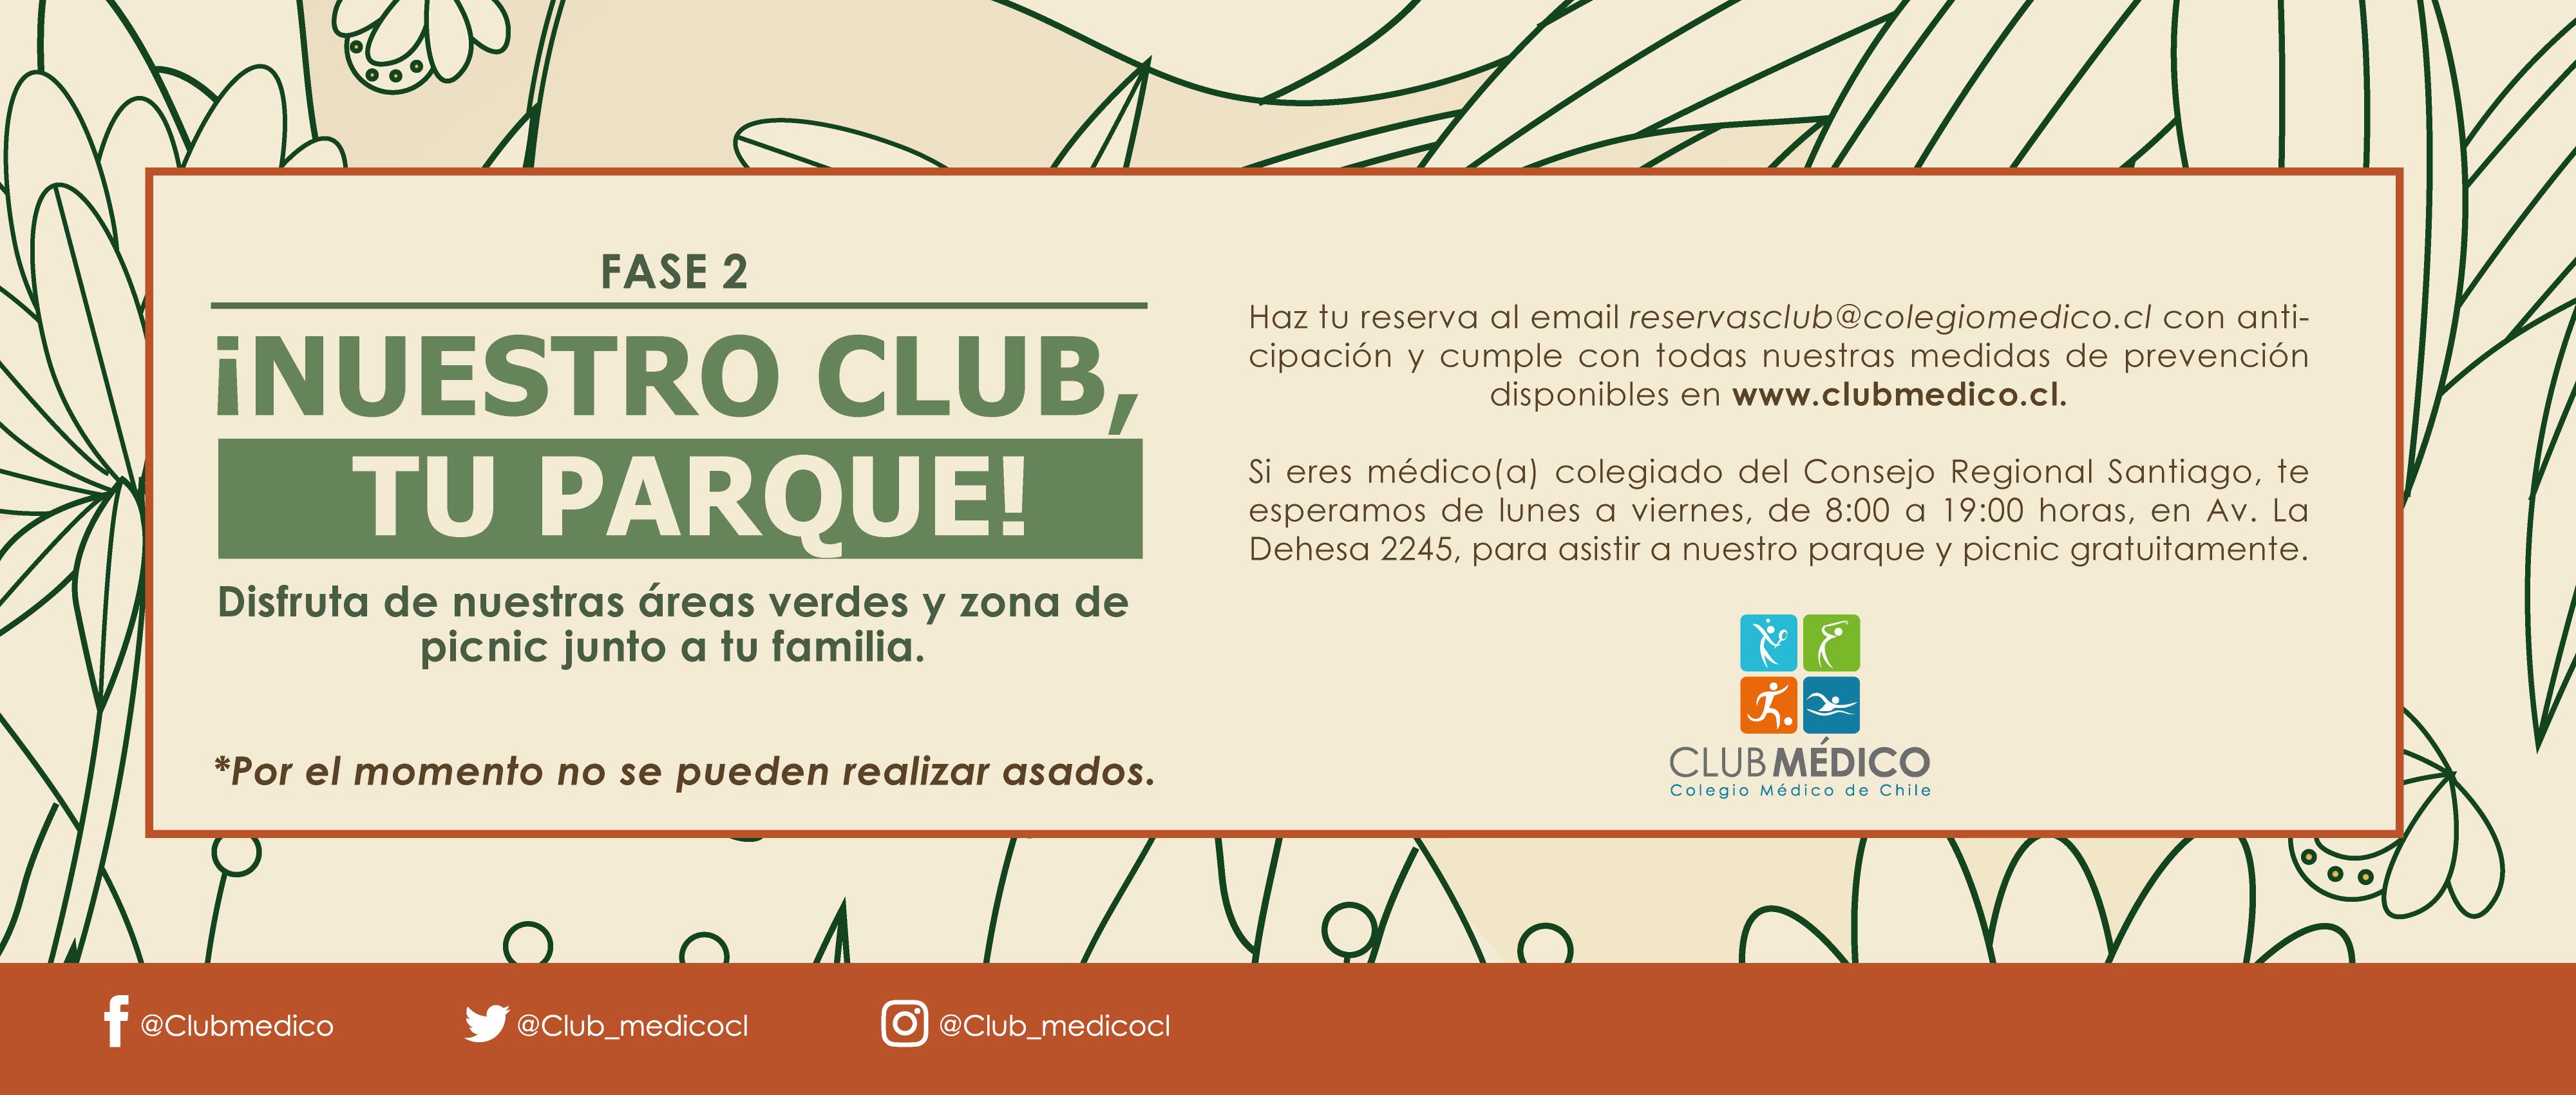 nuestro-club-tu-parque_4000x1700 (1)